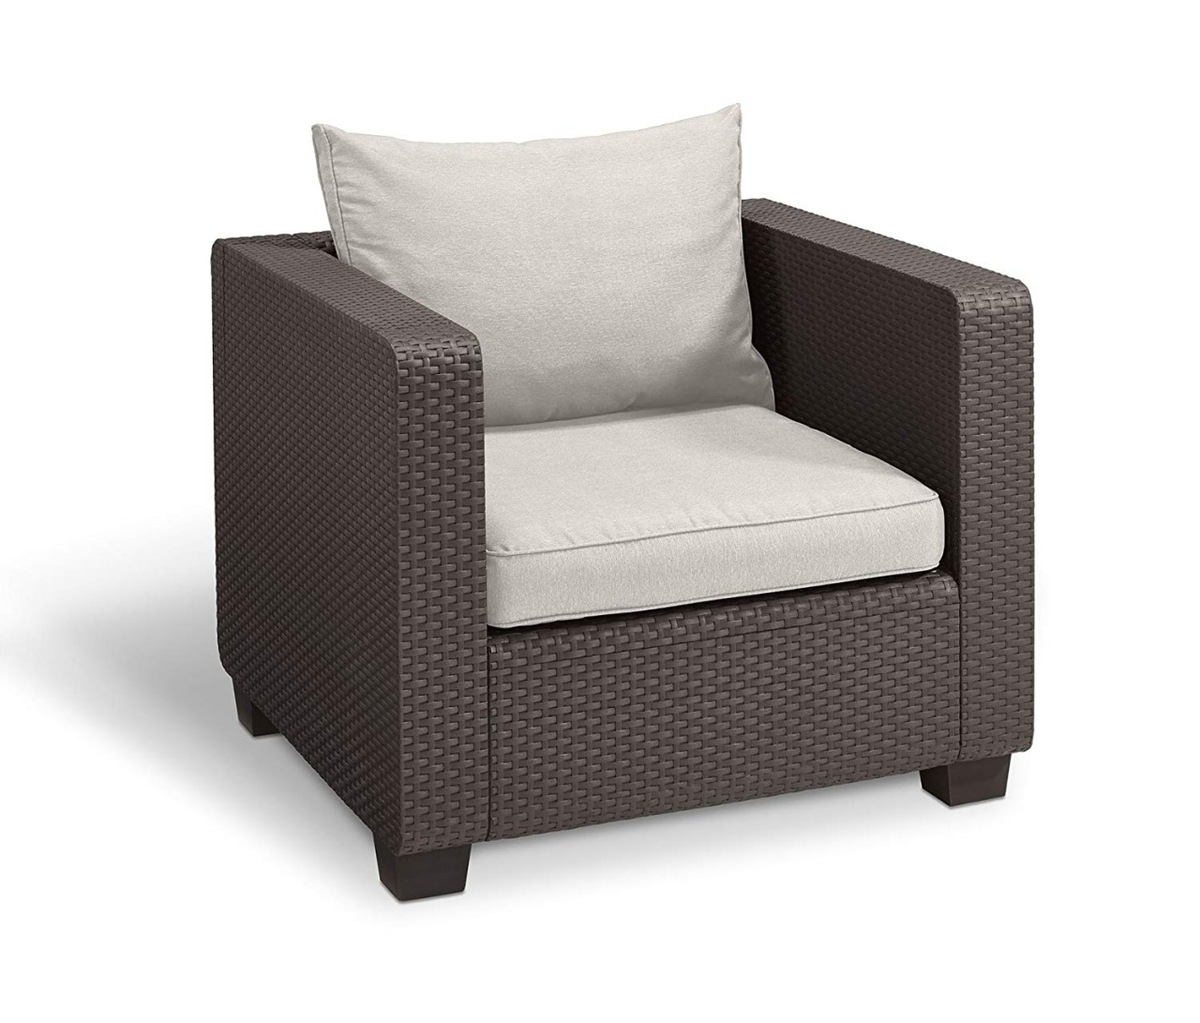 Bild 1 von Salta Lounge-Sessel, Braun